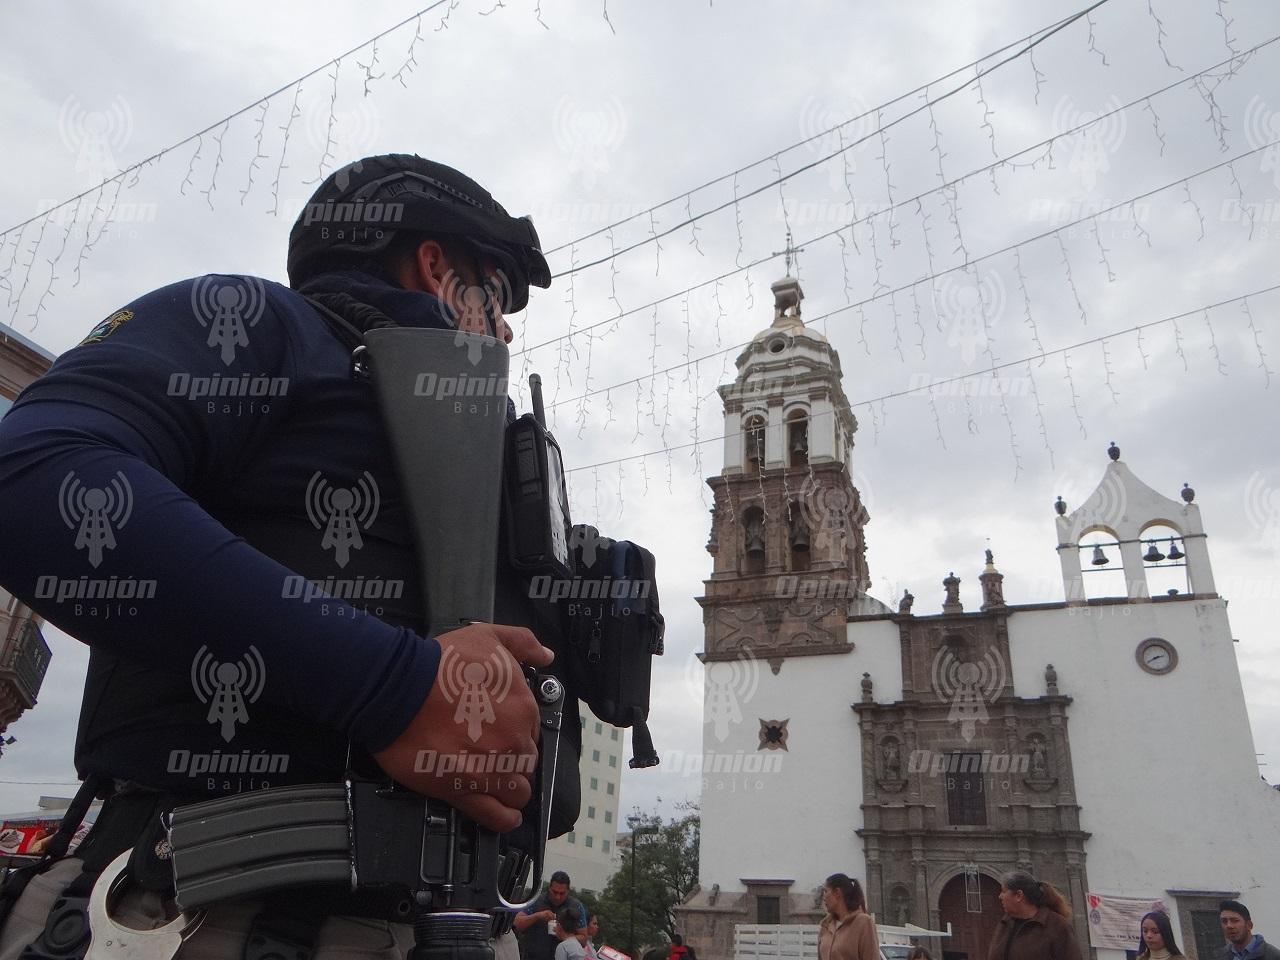 Pese a violencia, Guanajuato mantiene confianza internacional: Diego Sinhue